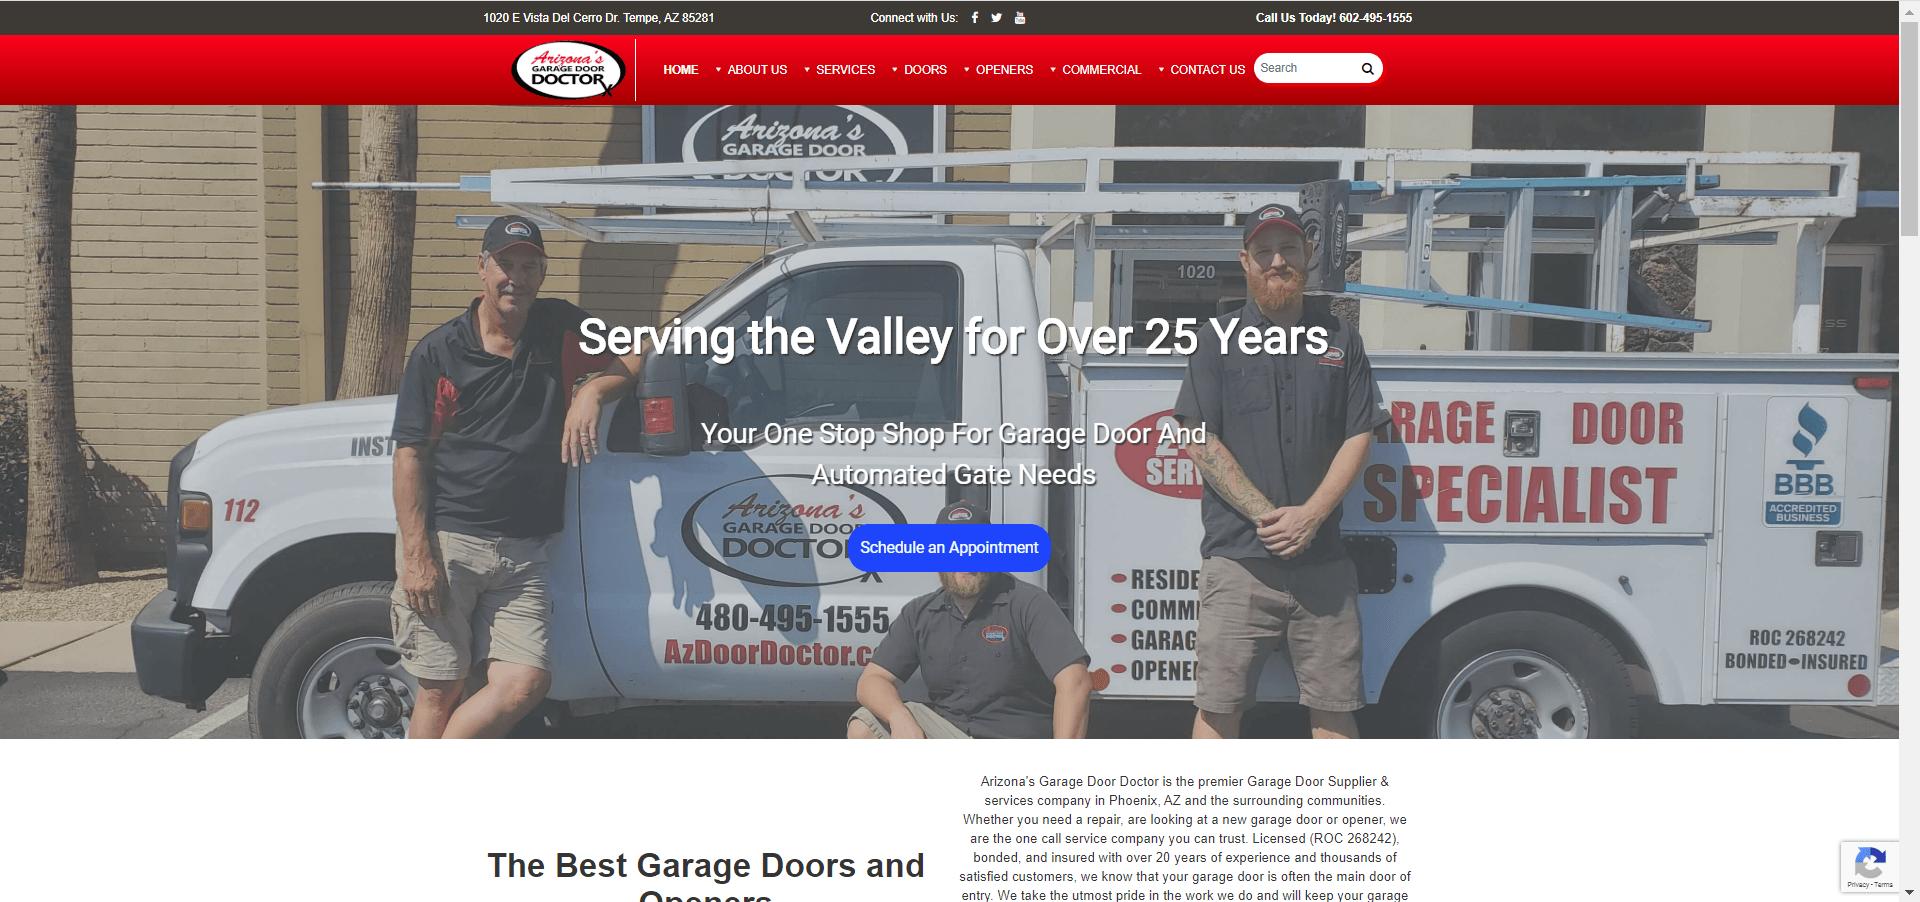 PrimeView Opens New Doors for Arizona's Garage Door Doctors with Redesigned Website